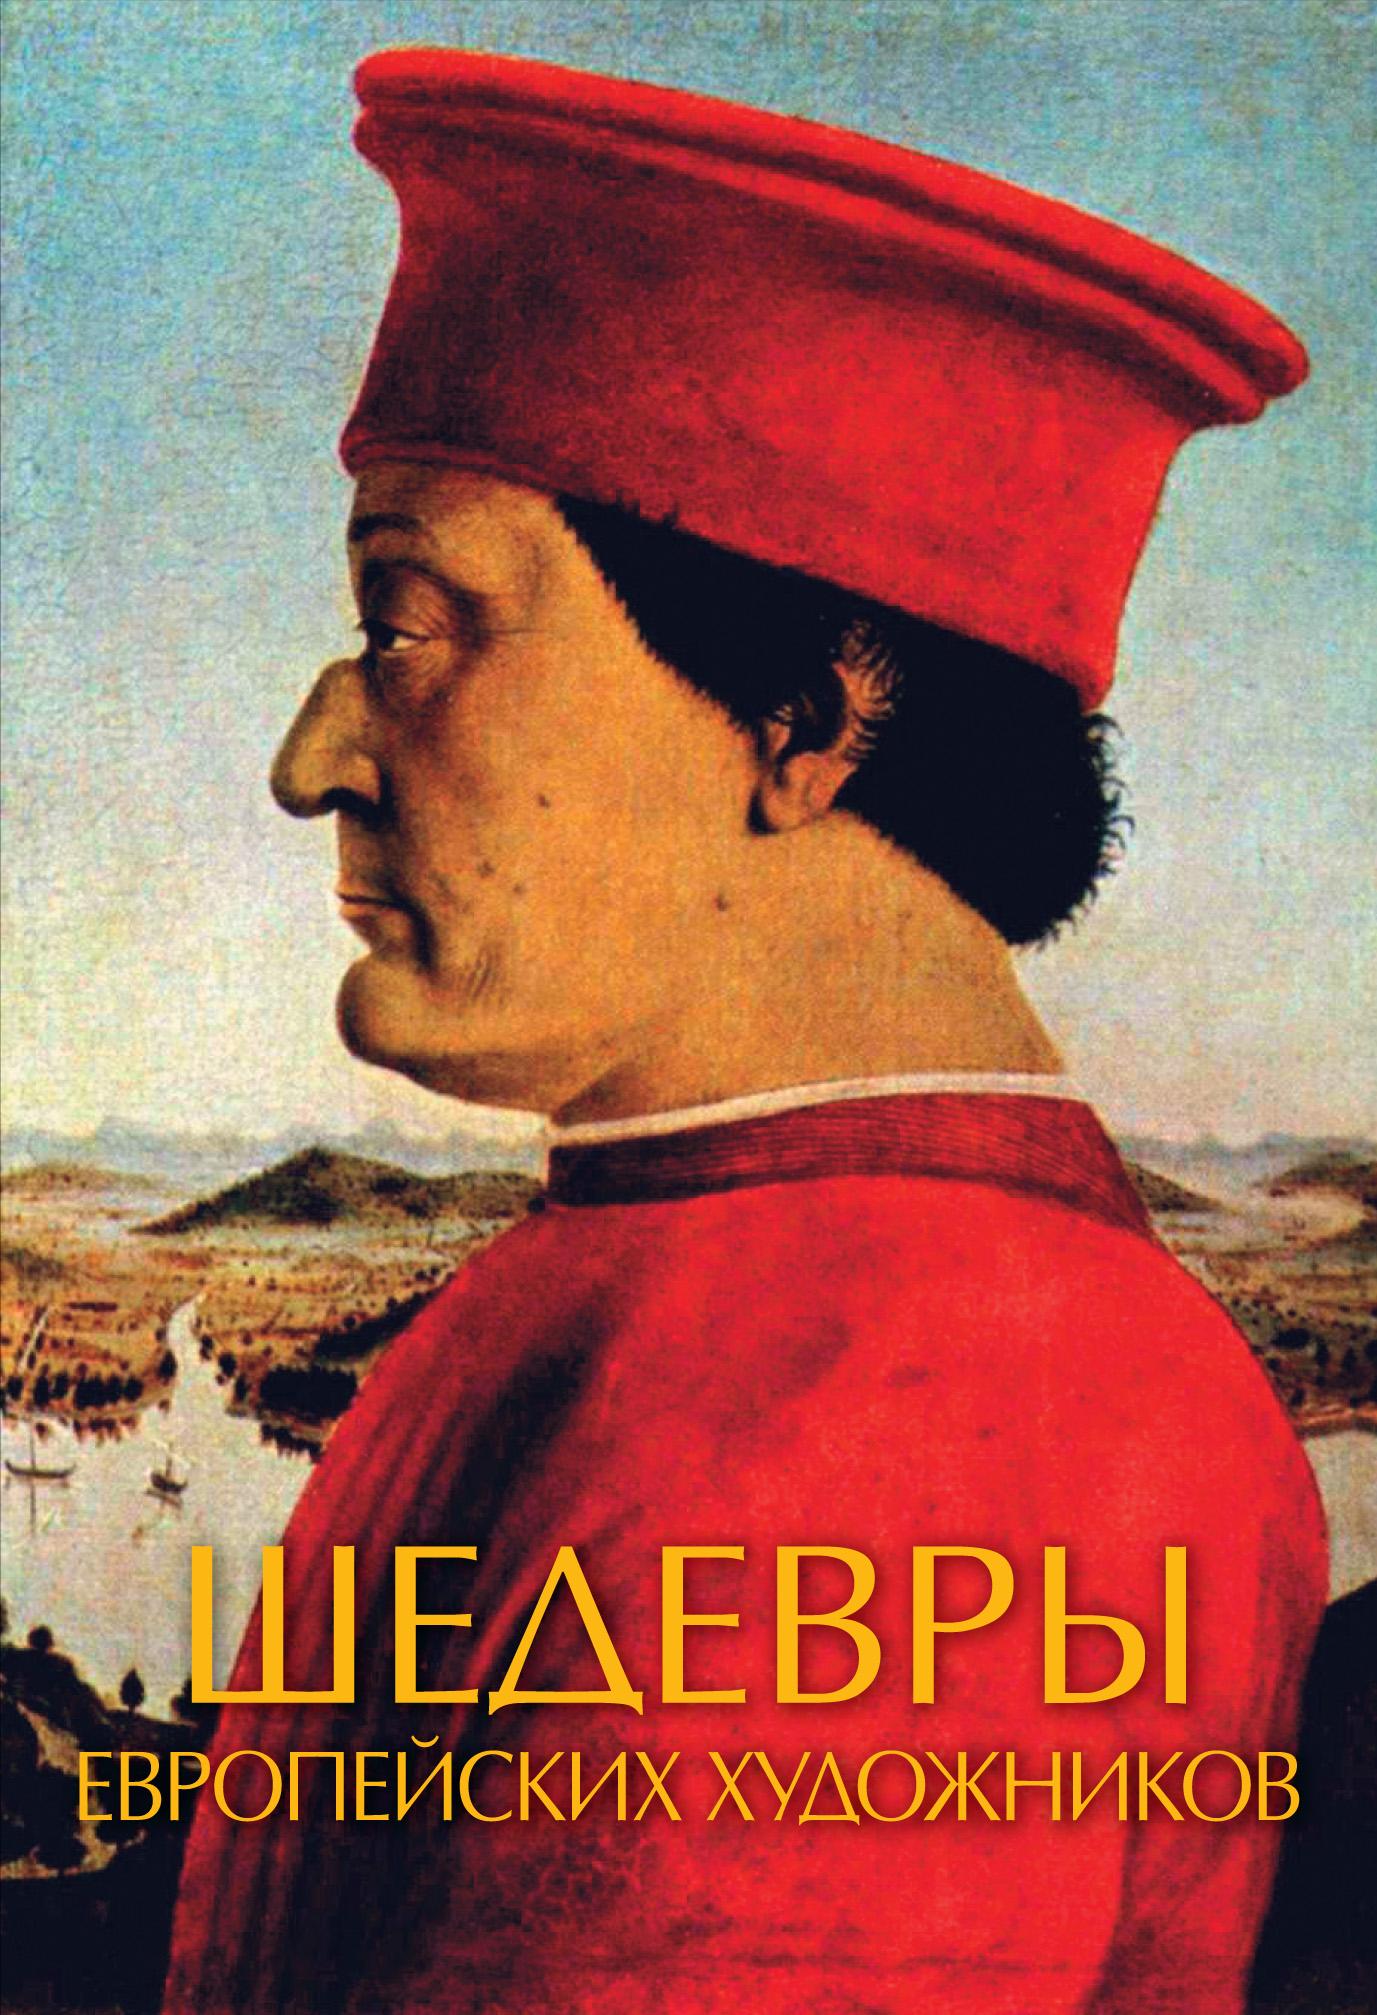 Шедевры европейских художников от book24.ru